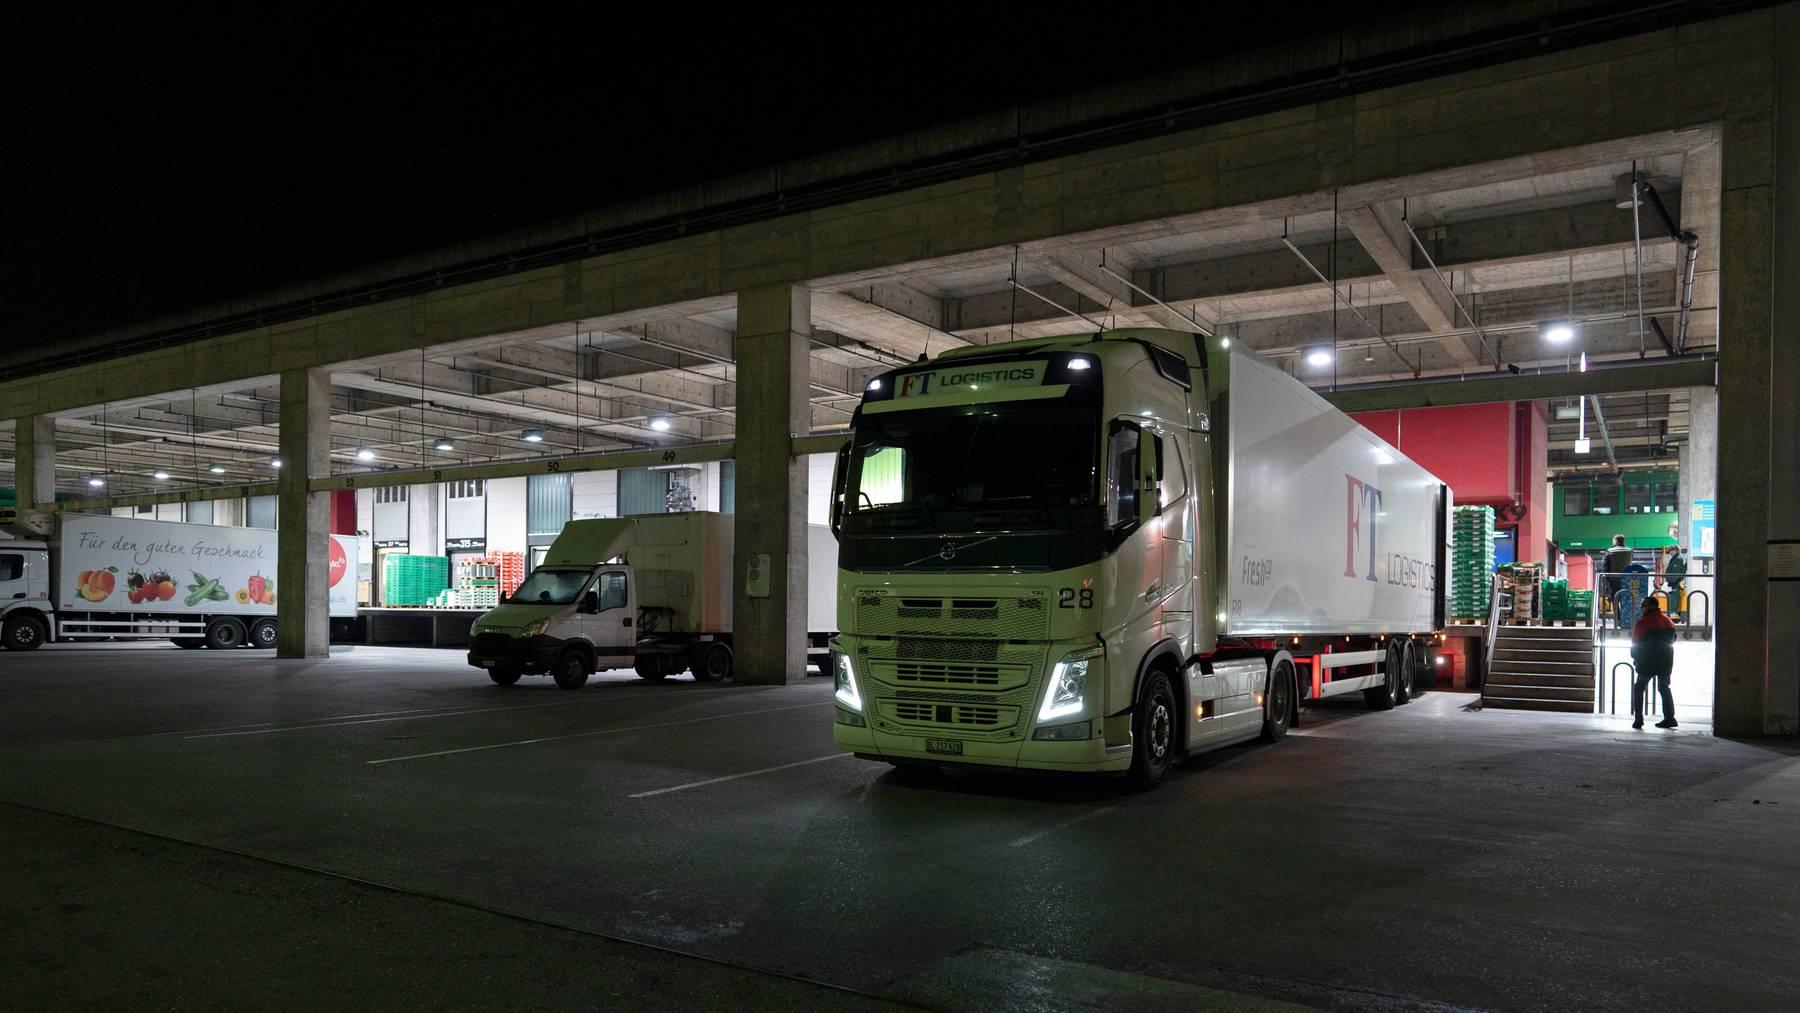 Undankbare Lage: Obwohl sie die Versorgung aufrechterhalten, gibt es für LKW-Fahrer kaum noch Verpflegungs- und Hygienemöglichkeiten.